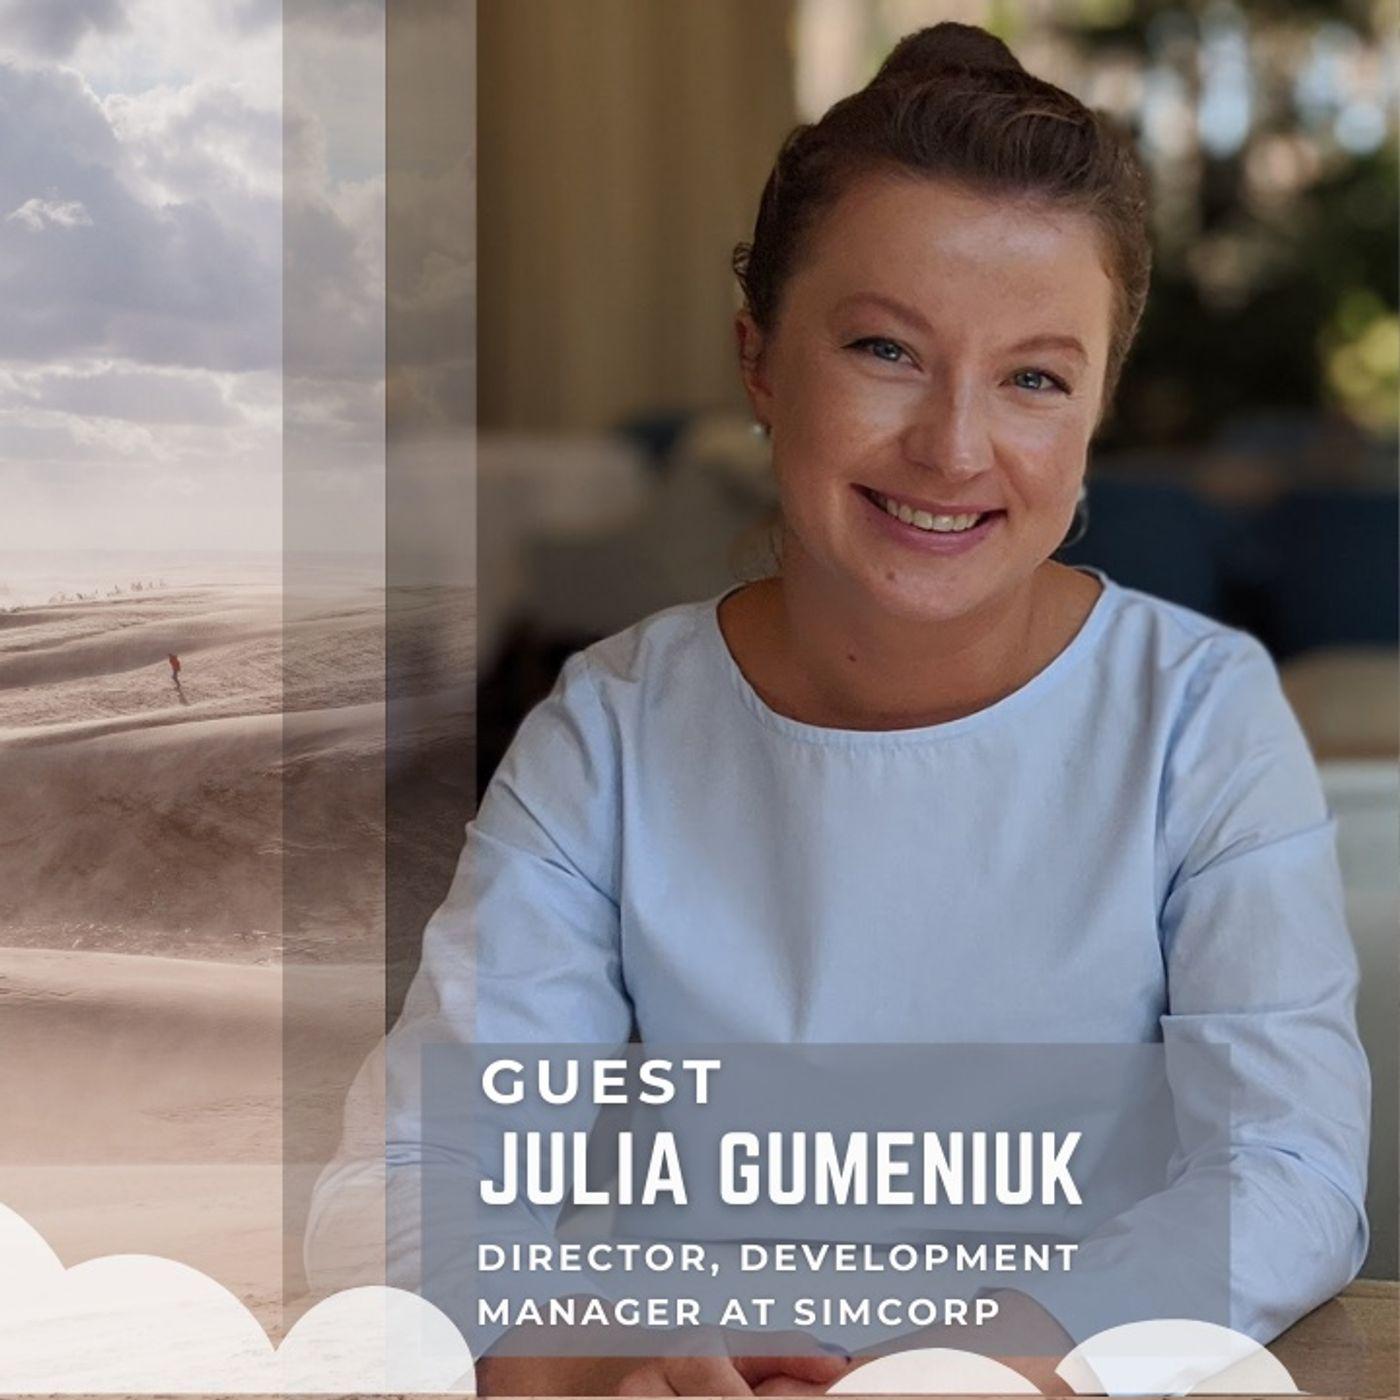 #50 Юлия Гуменюк: живи, люби, стремись!